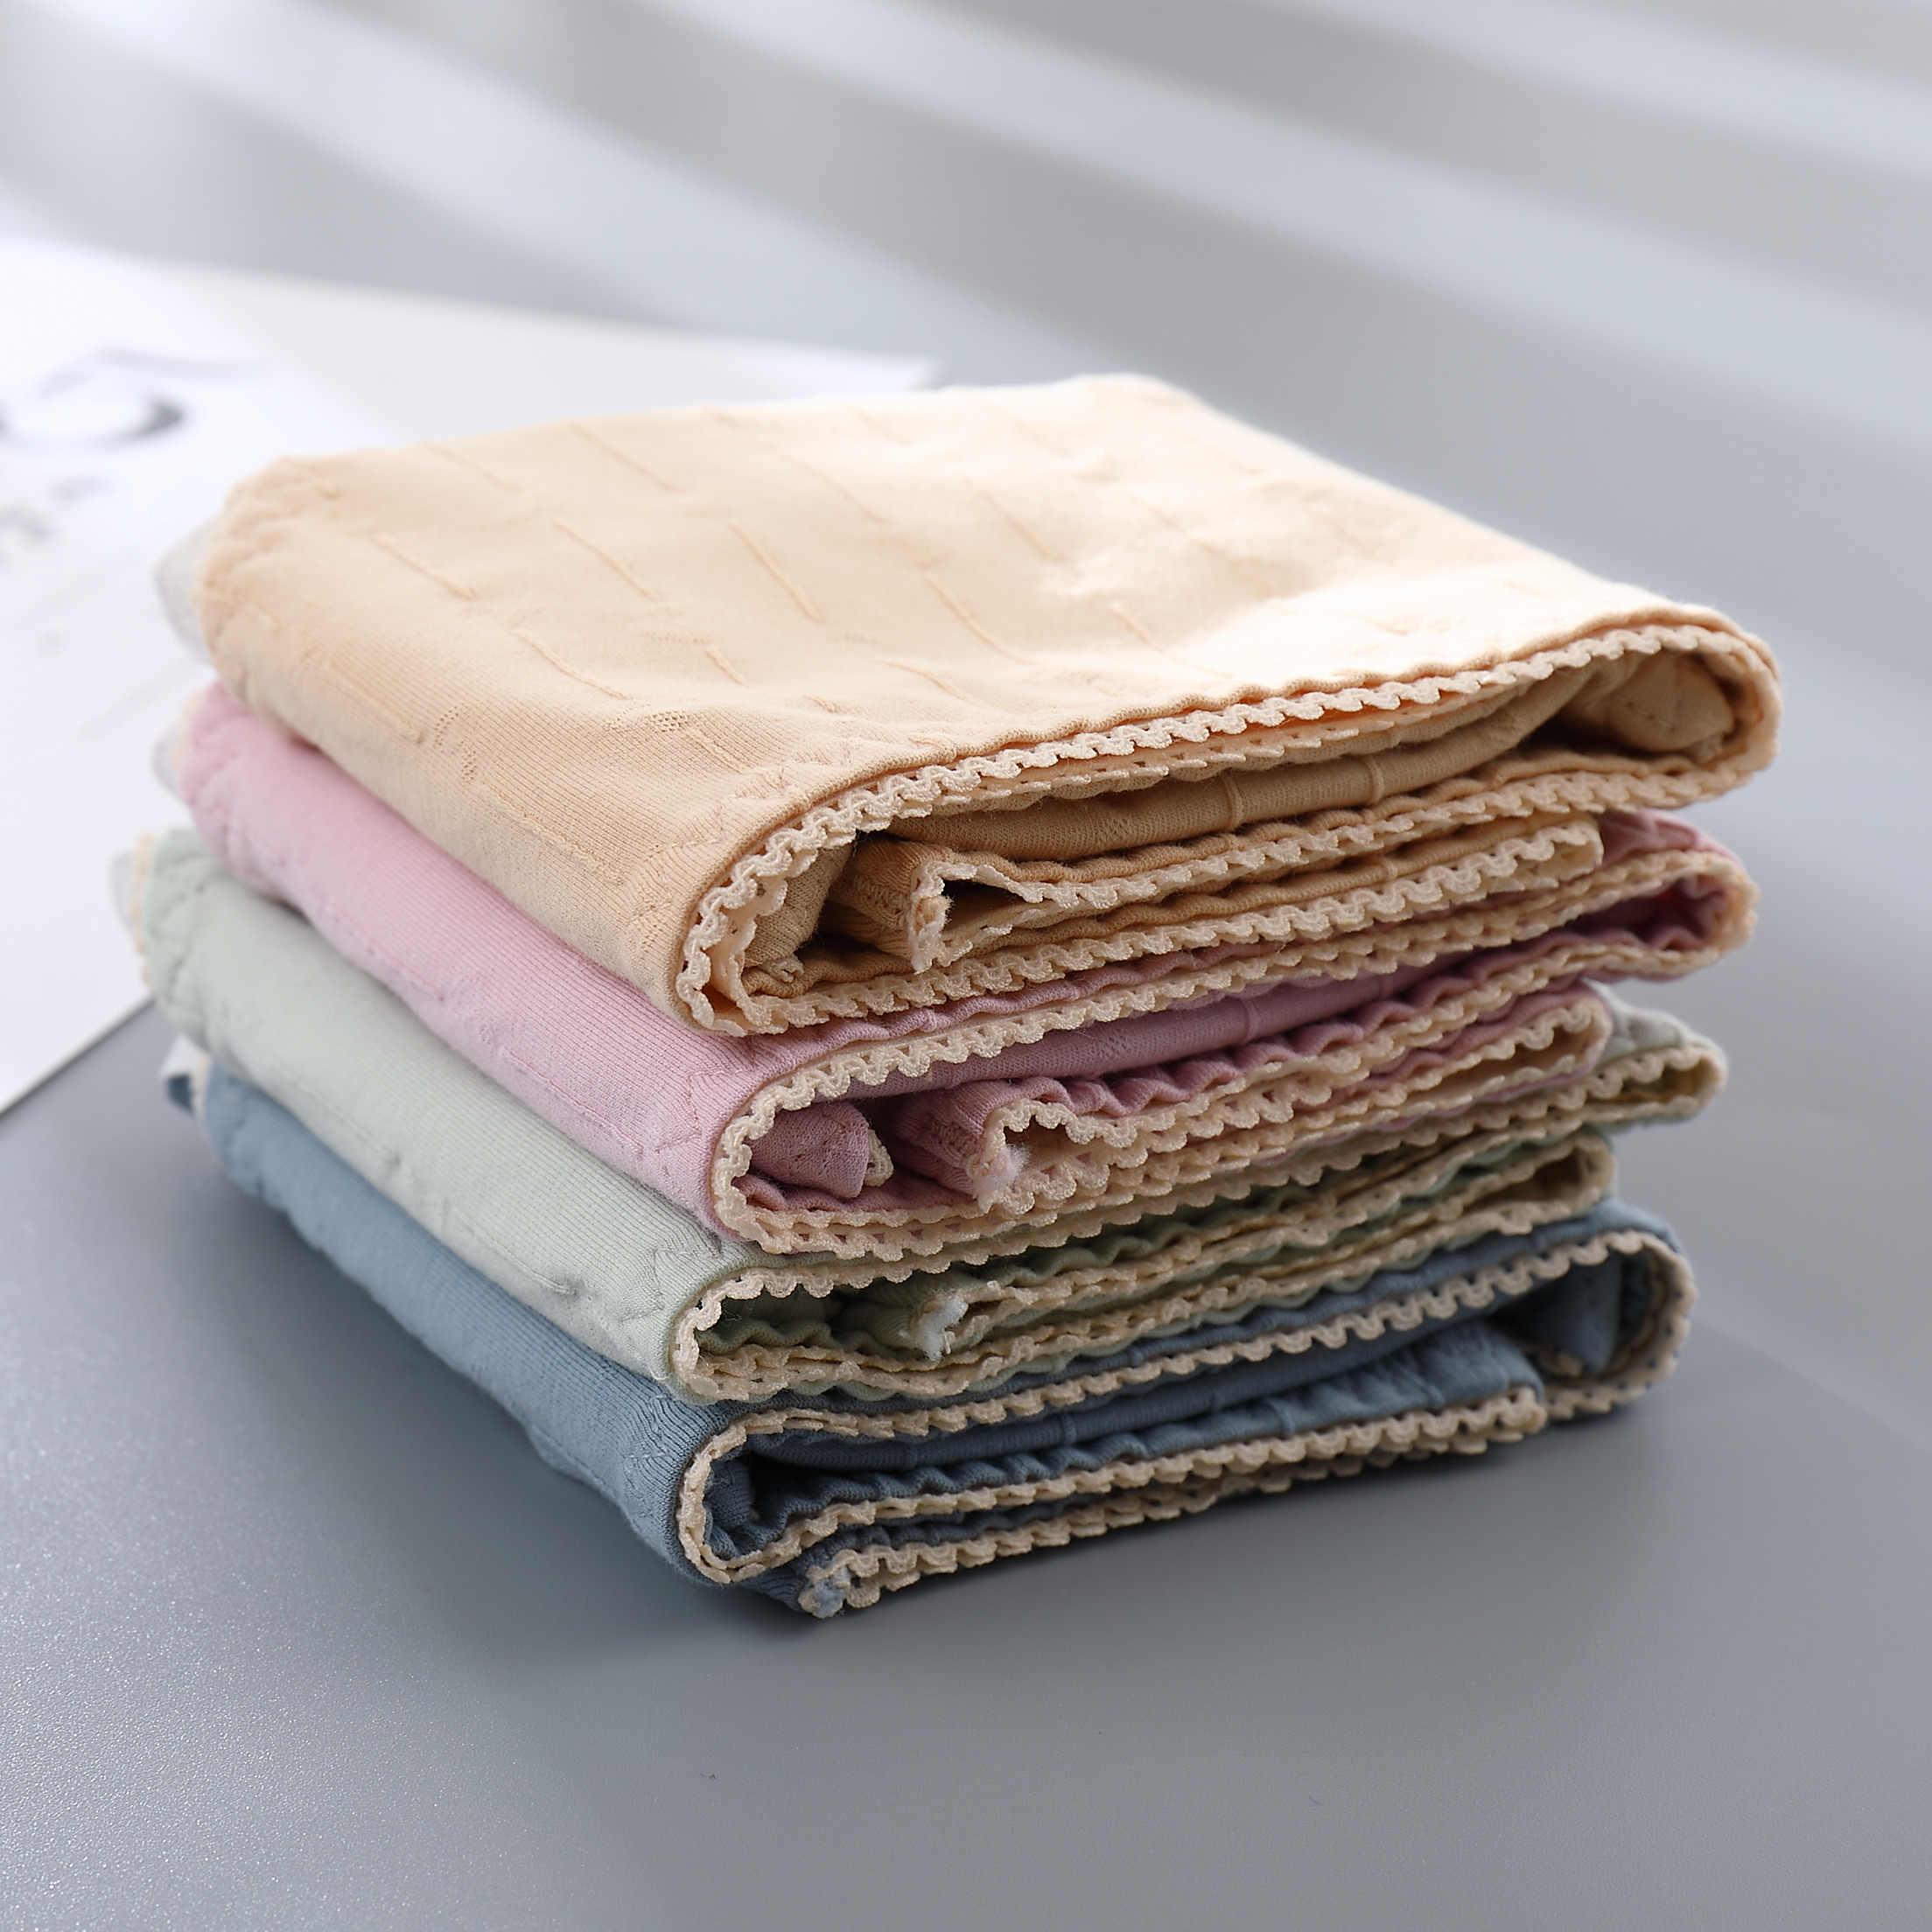 Leak Proof ประจำเดือนกางเกงสรีรวิทยากางเกงผู้หญิงชุดชั้นใน Period ผ้าฝ้ายหญิงกันน้ำกางเกง Dropshipping